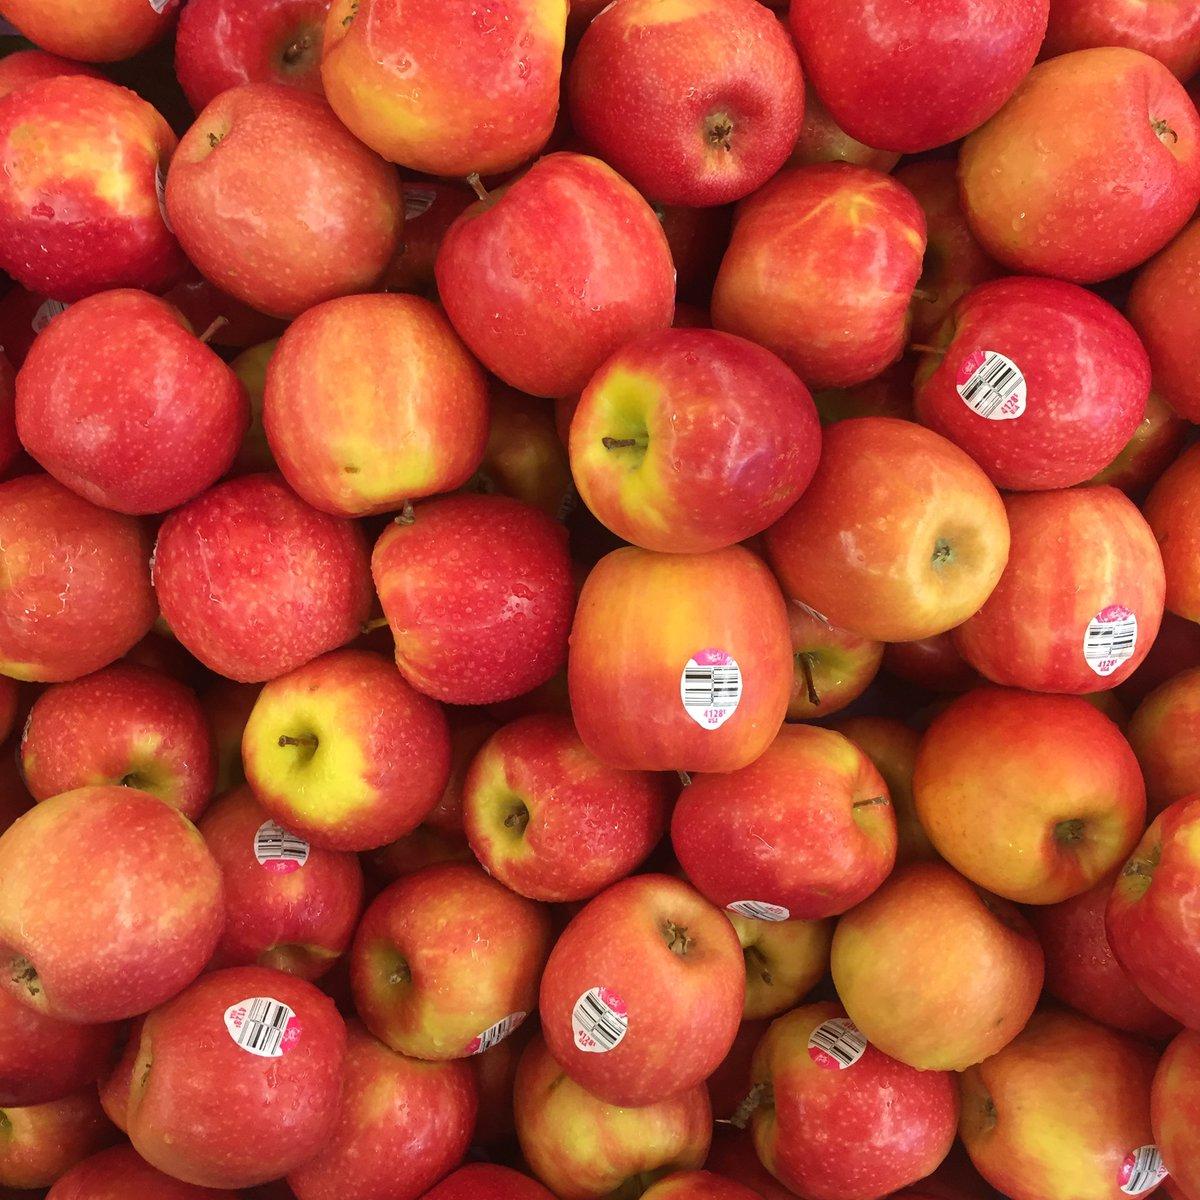 Orange (Fruit) clipart epal 1 pala Twitter: Aiy jenis